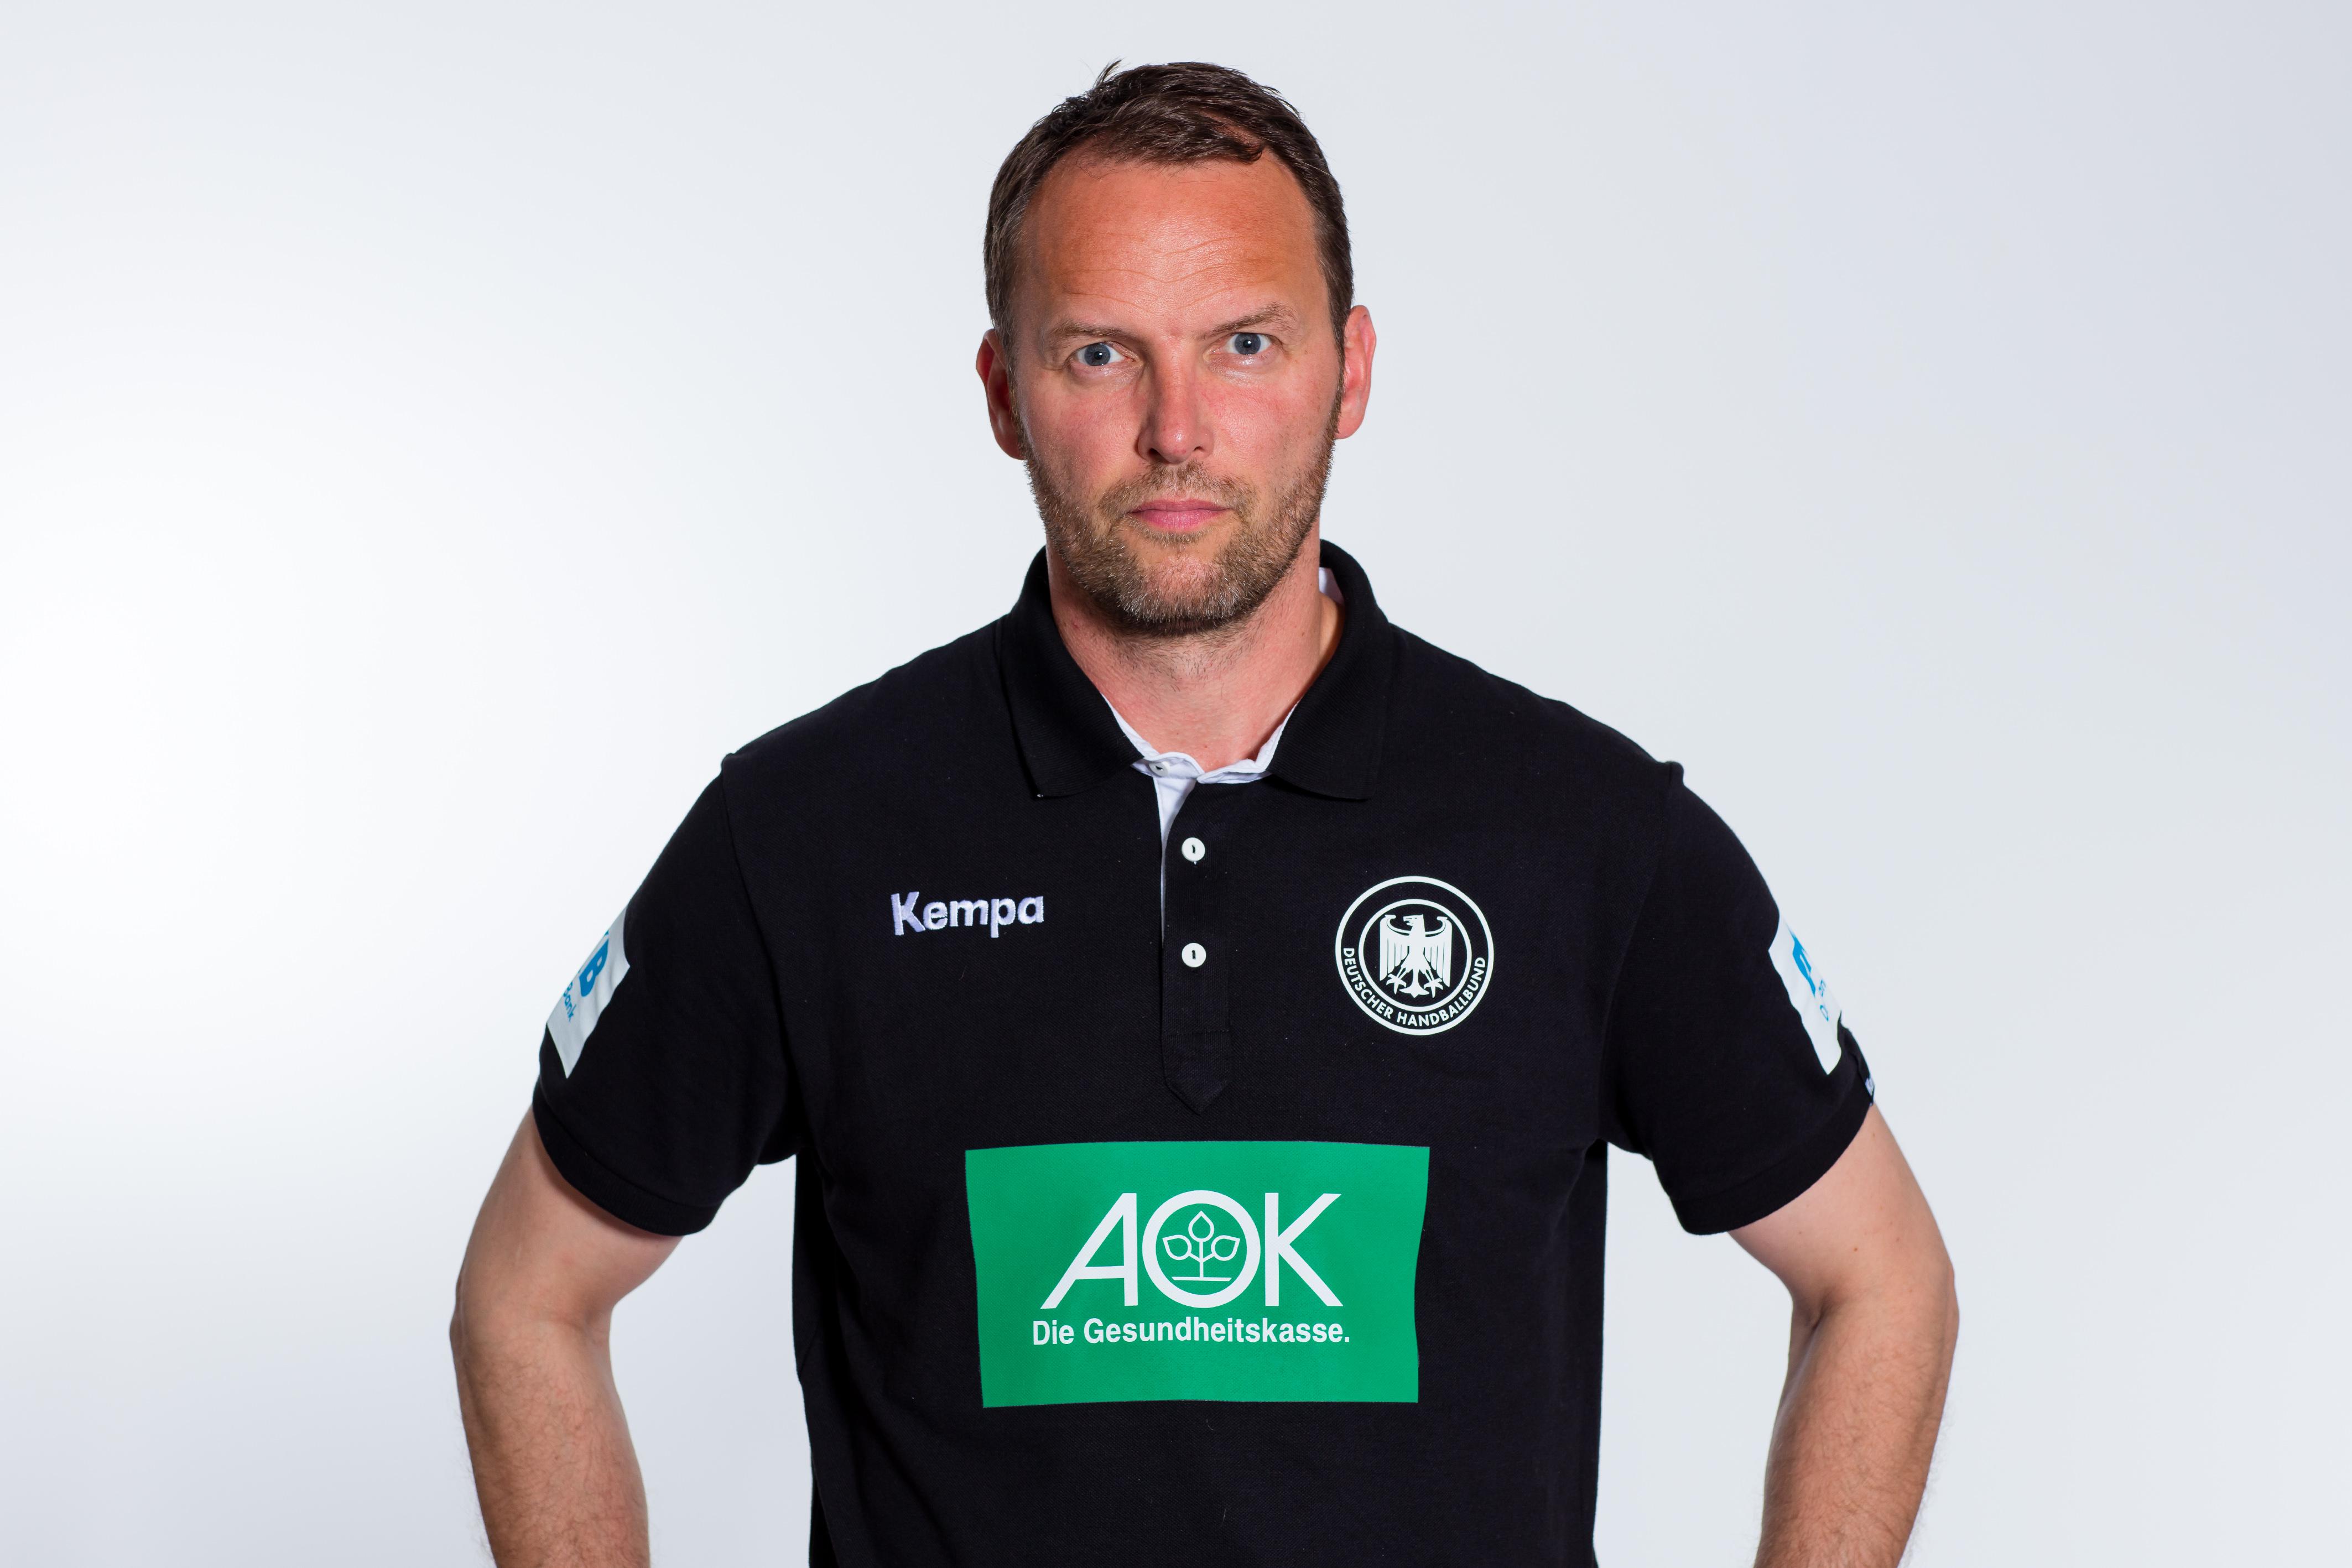 Stuutgart, 11. Juli 2016. Die Deutsche Handball-Nationalmannschaft der Männer posiert für Portraits vor weißem Hintergrund im Studio.